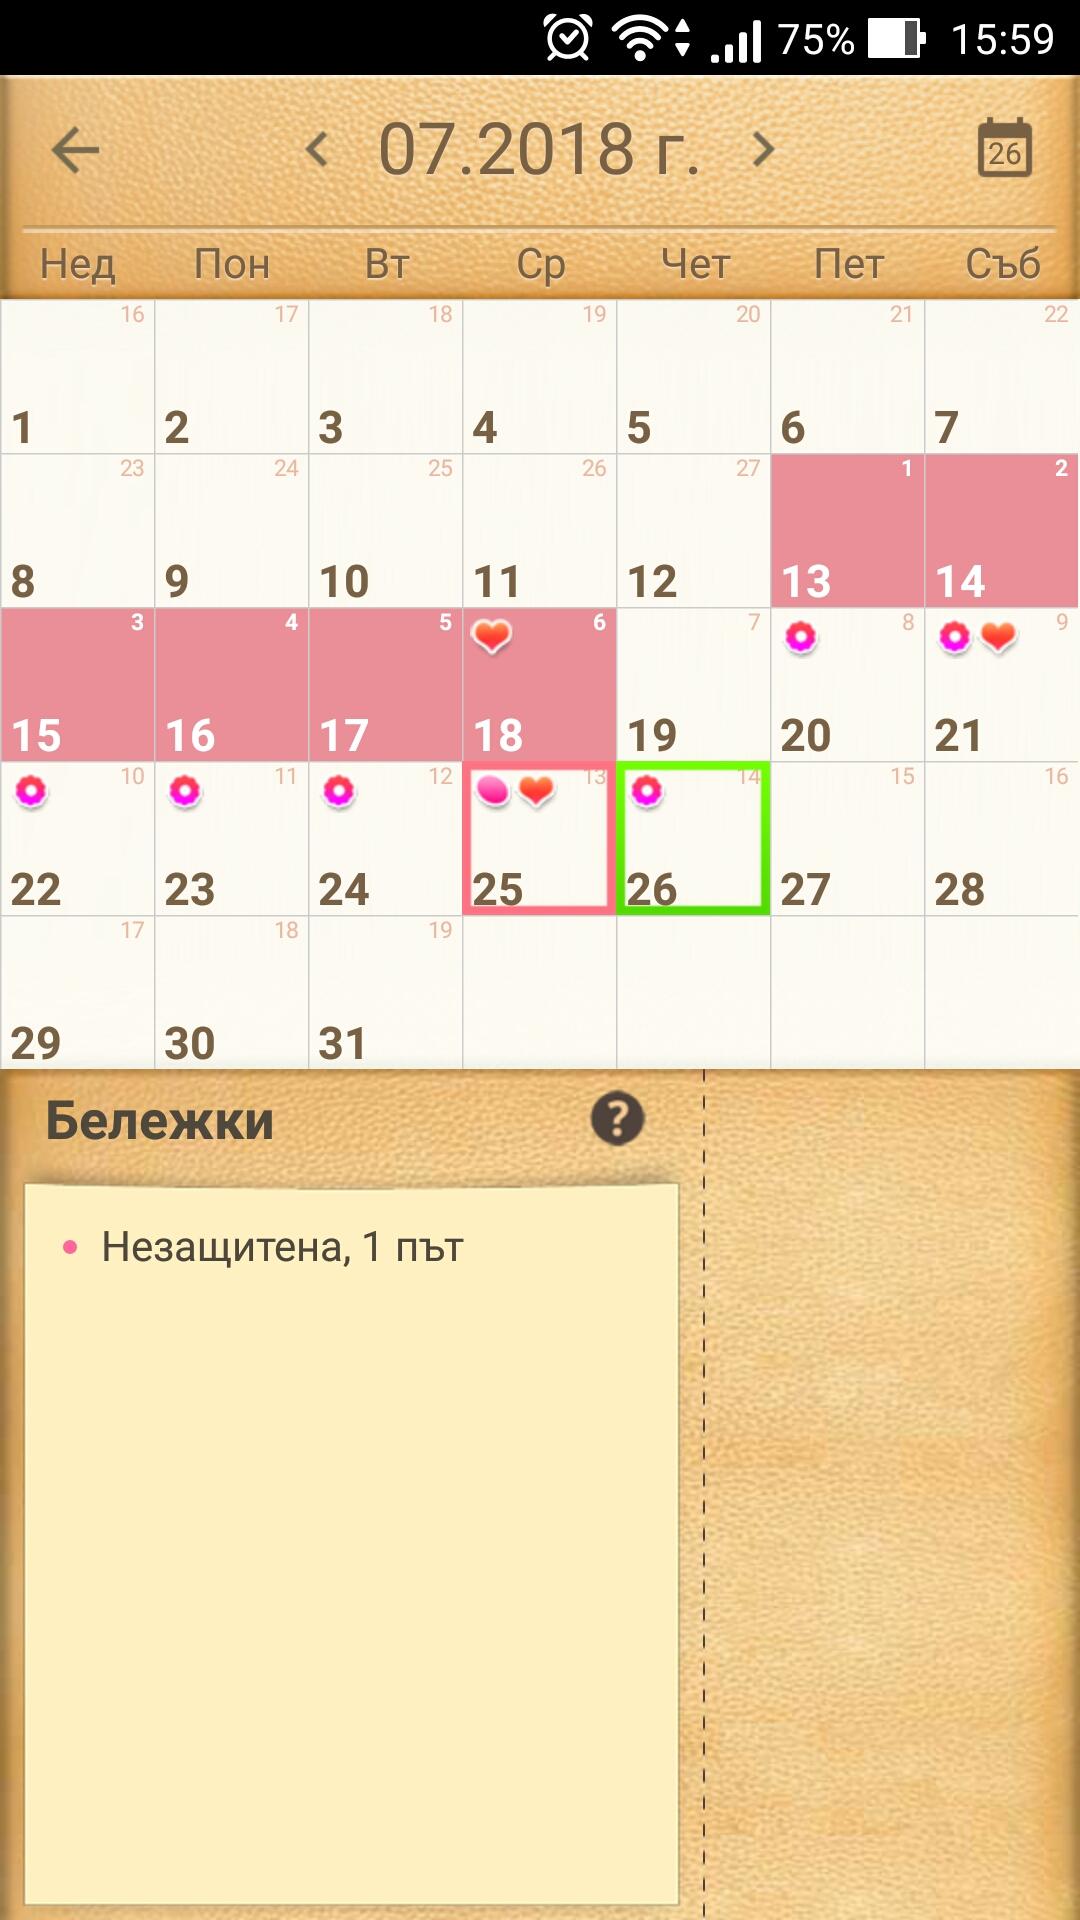 Screenshot_2018-07-26-15-59-40.jpg